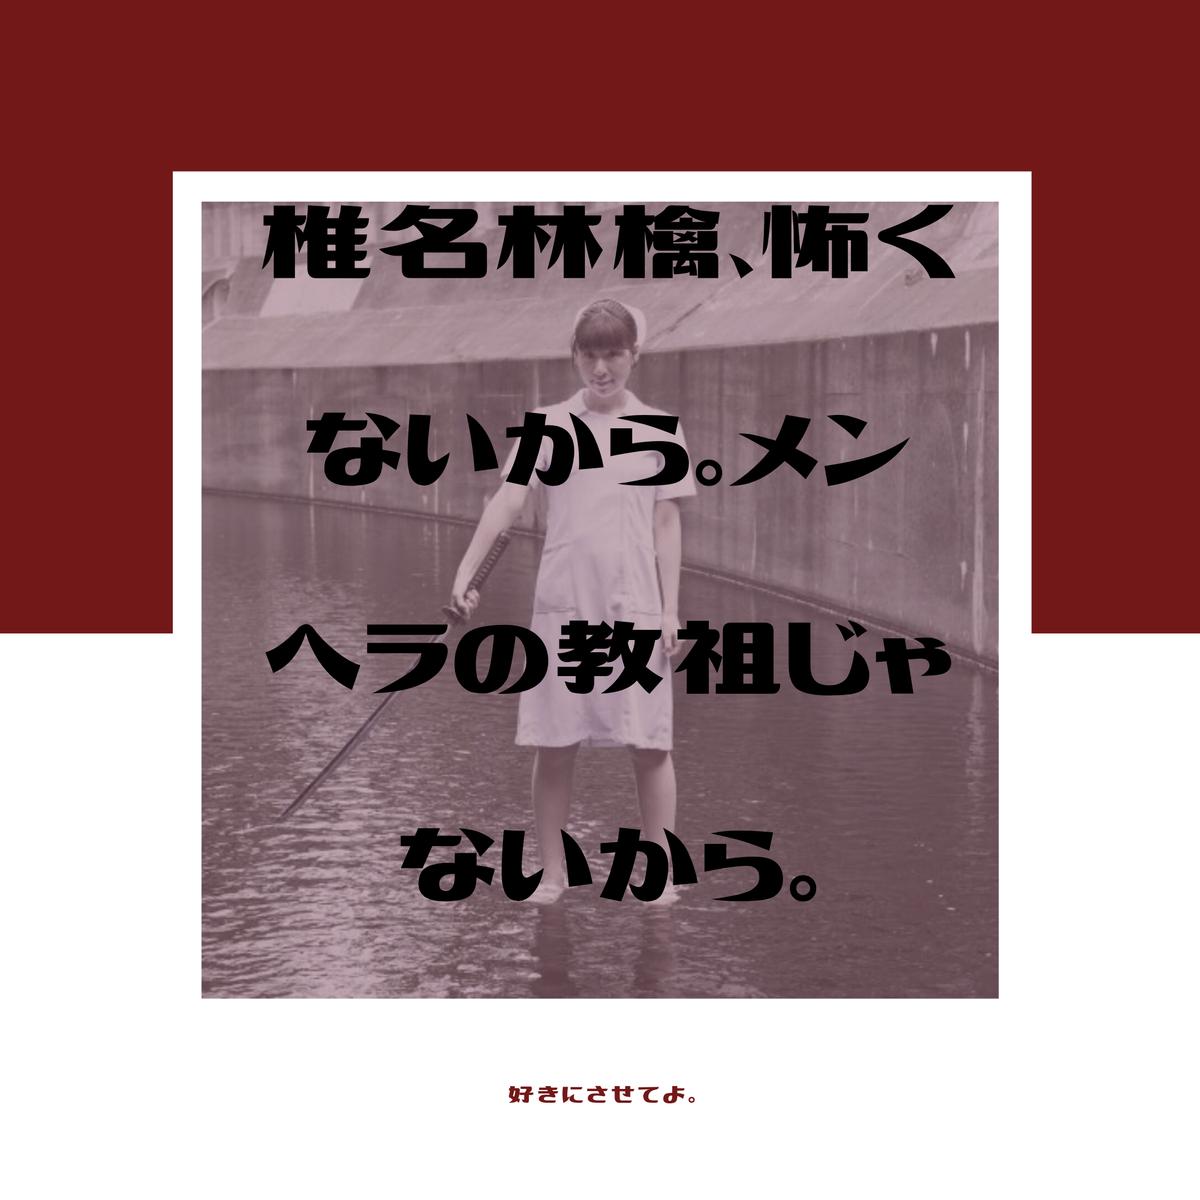 f:id:tsukino25:20190816113833p:plain